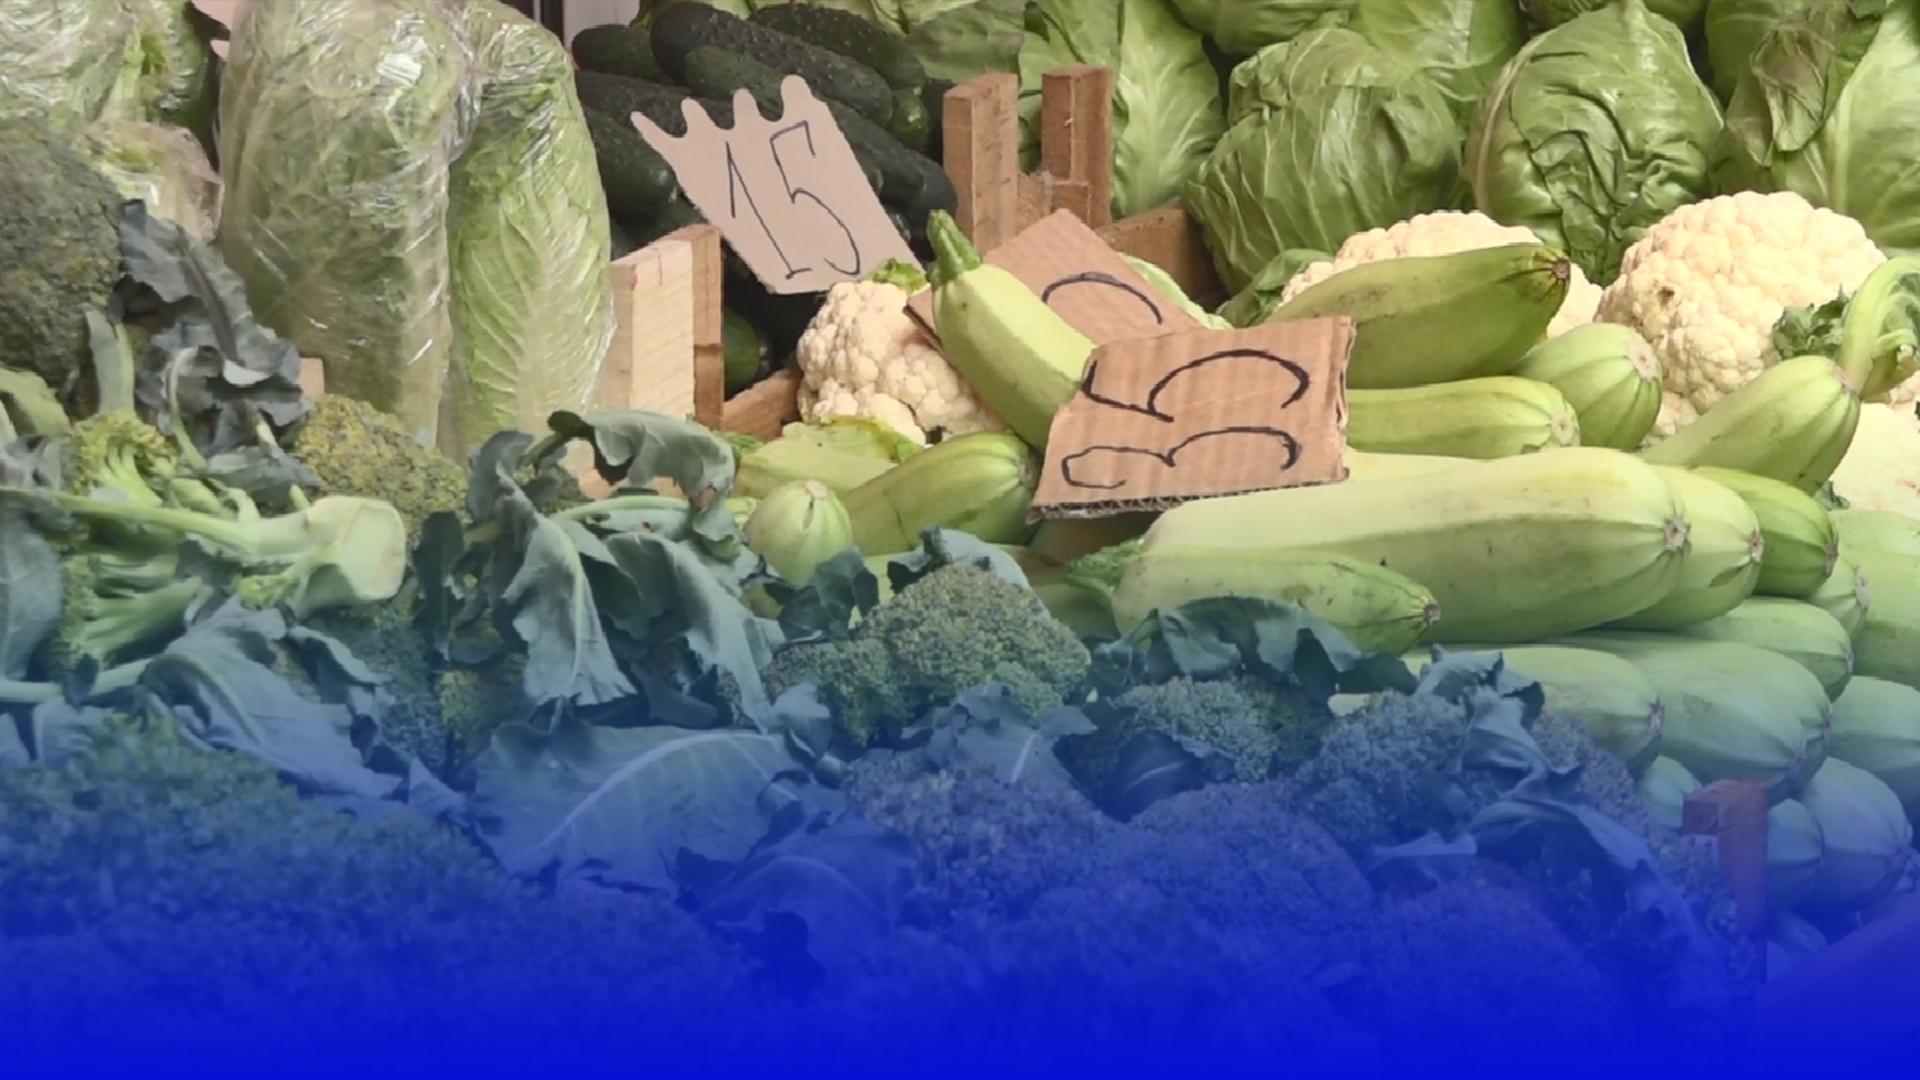 Чи є нітрати в овочах та фруктах, які продають на тернопільському ринку